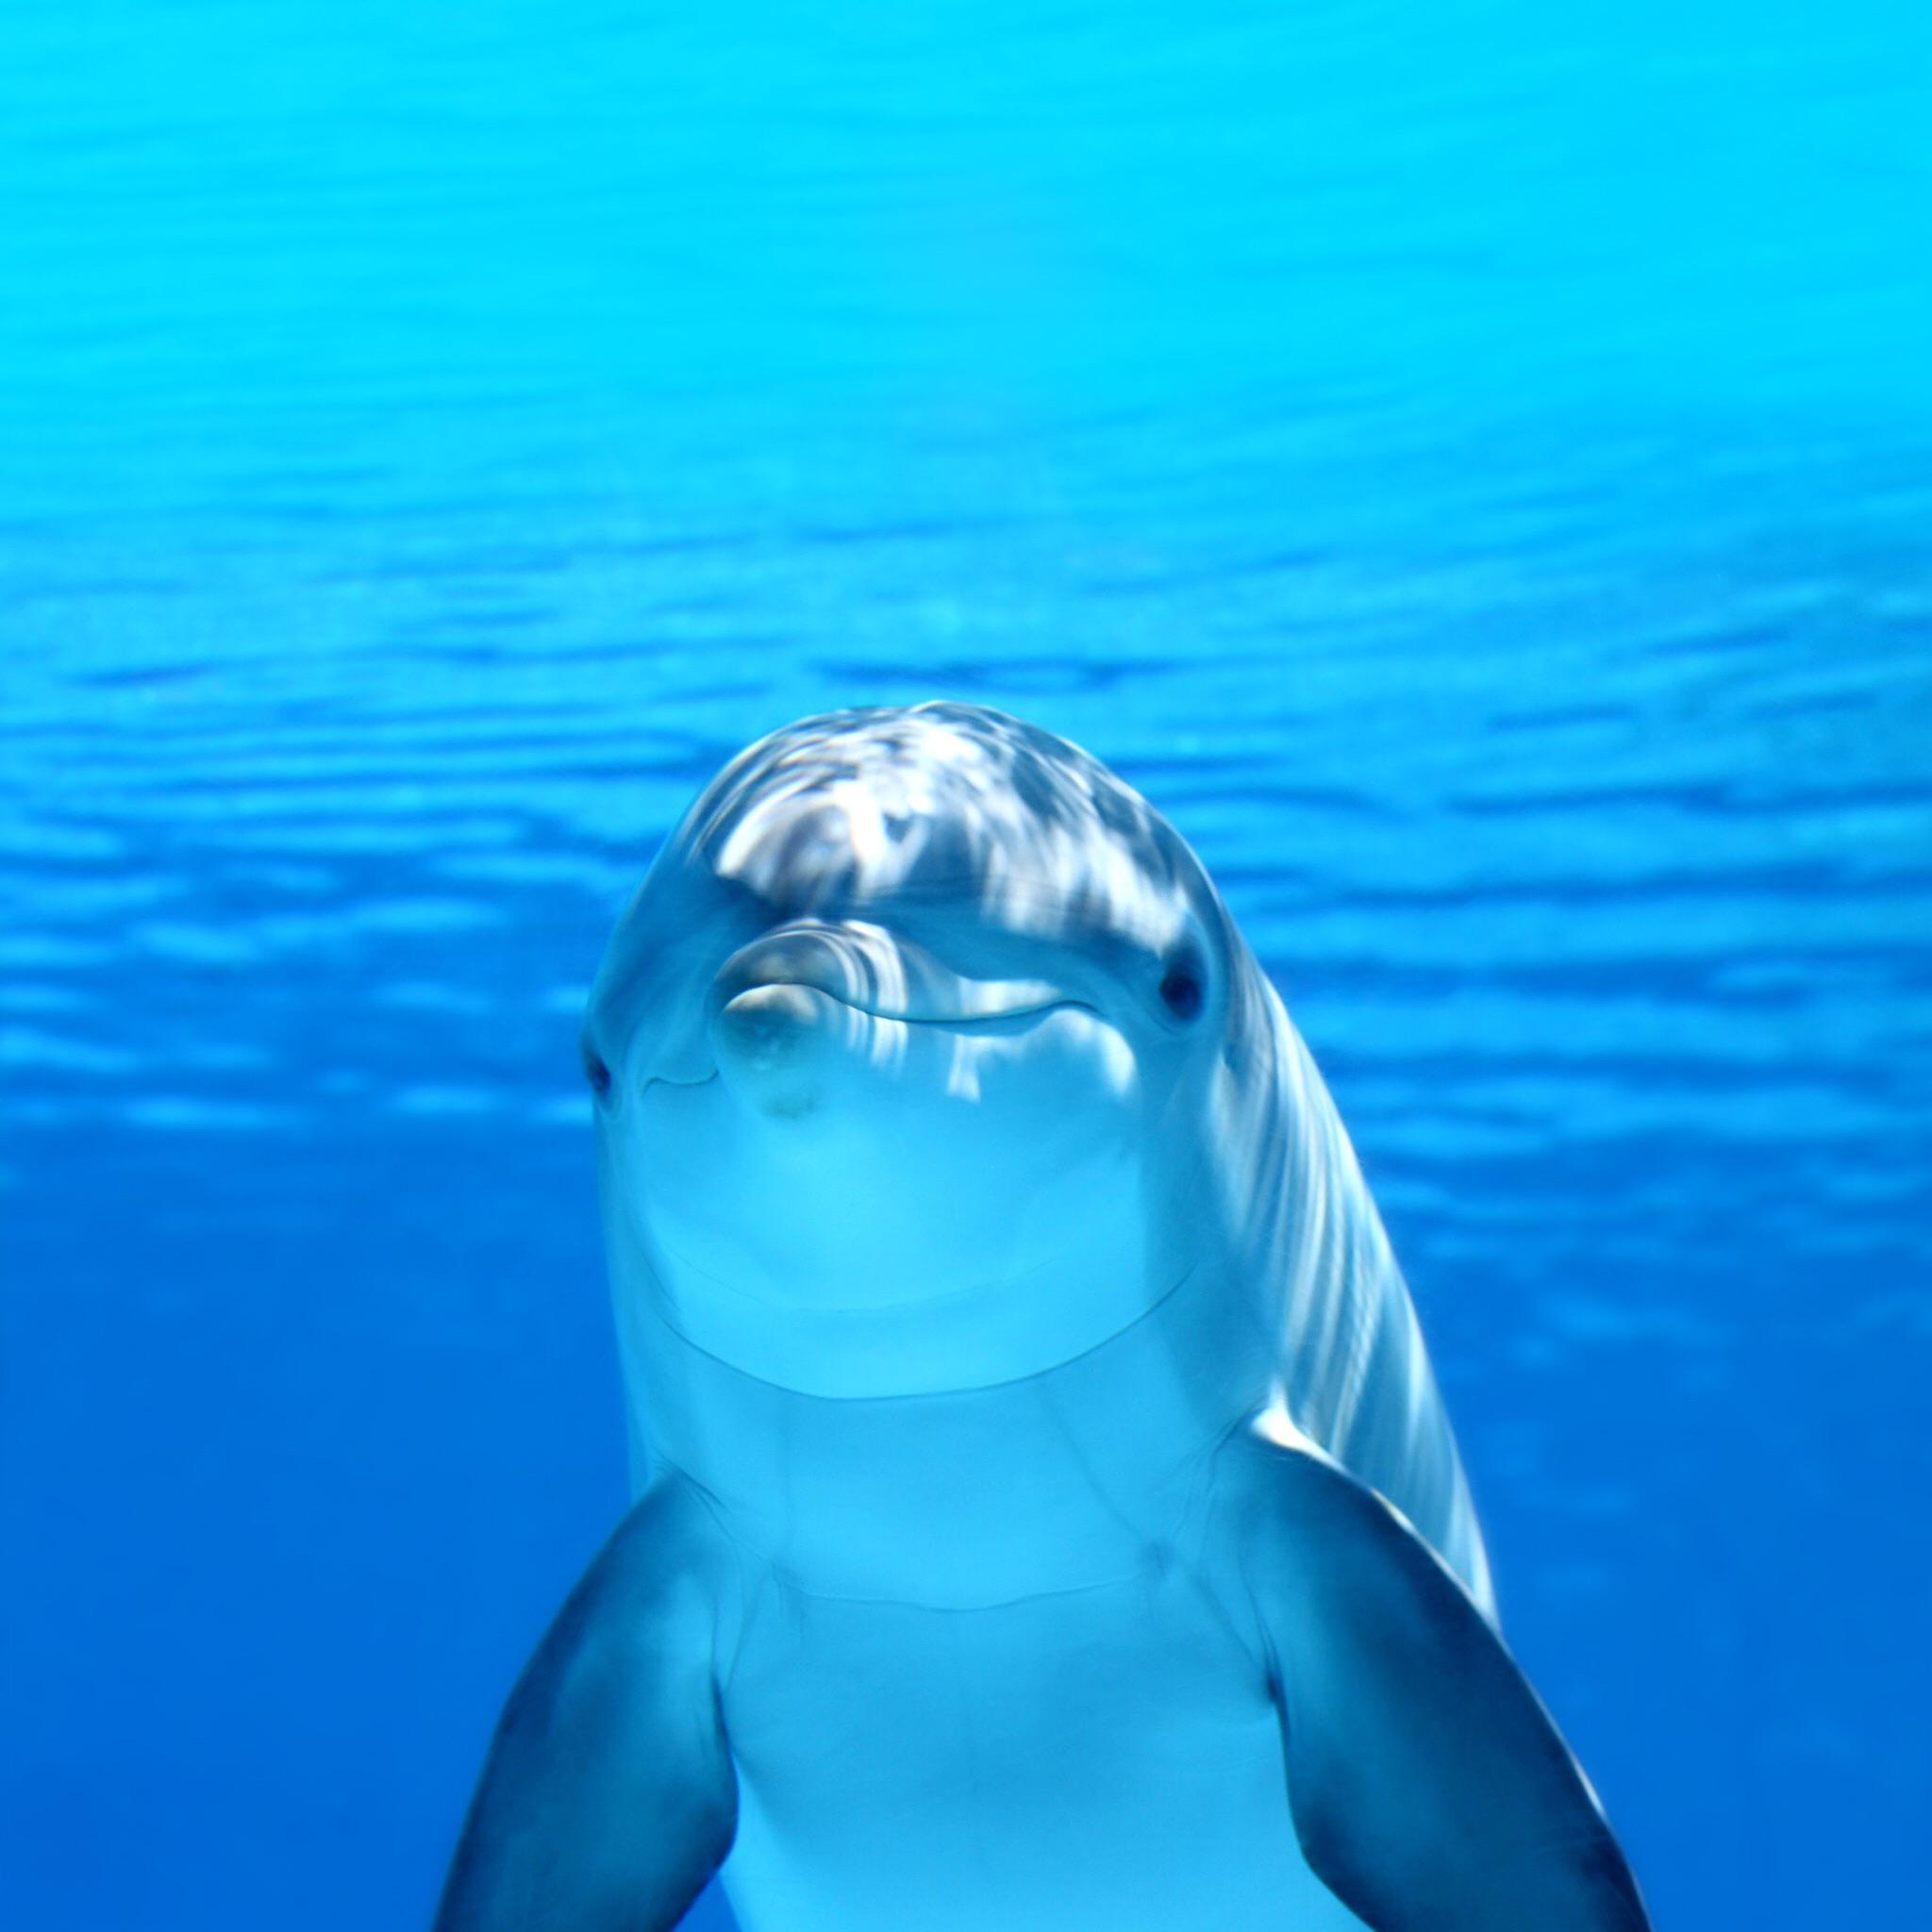 Дельфин море дельфин